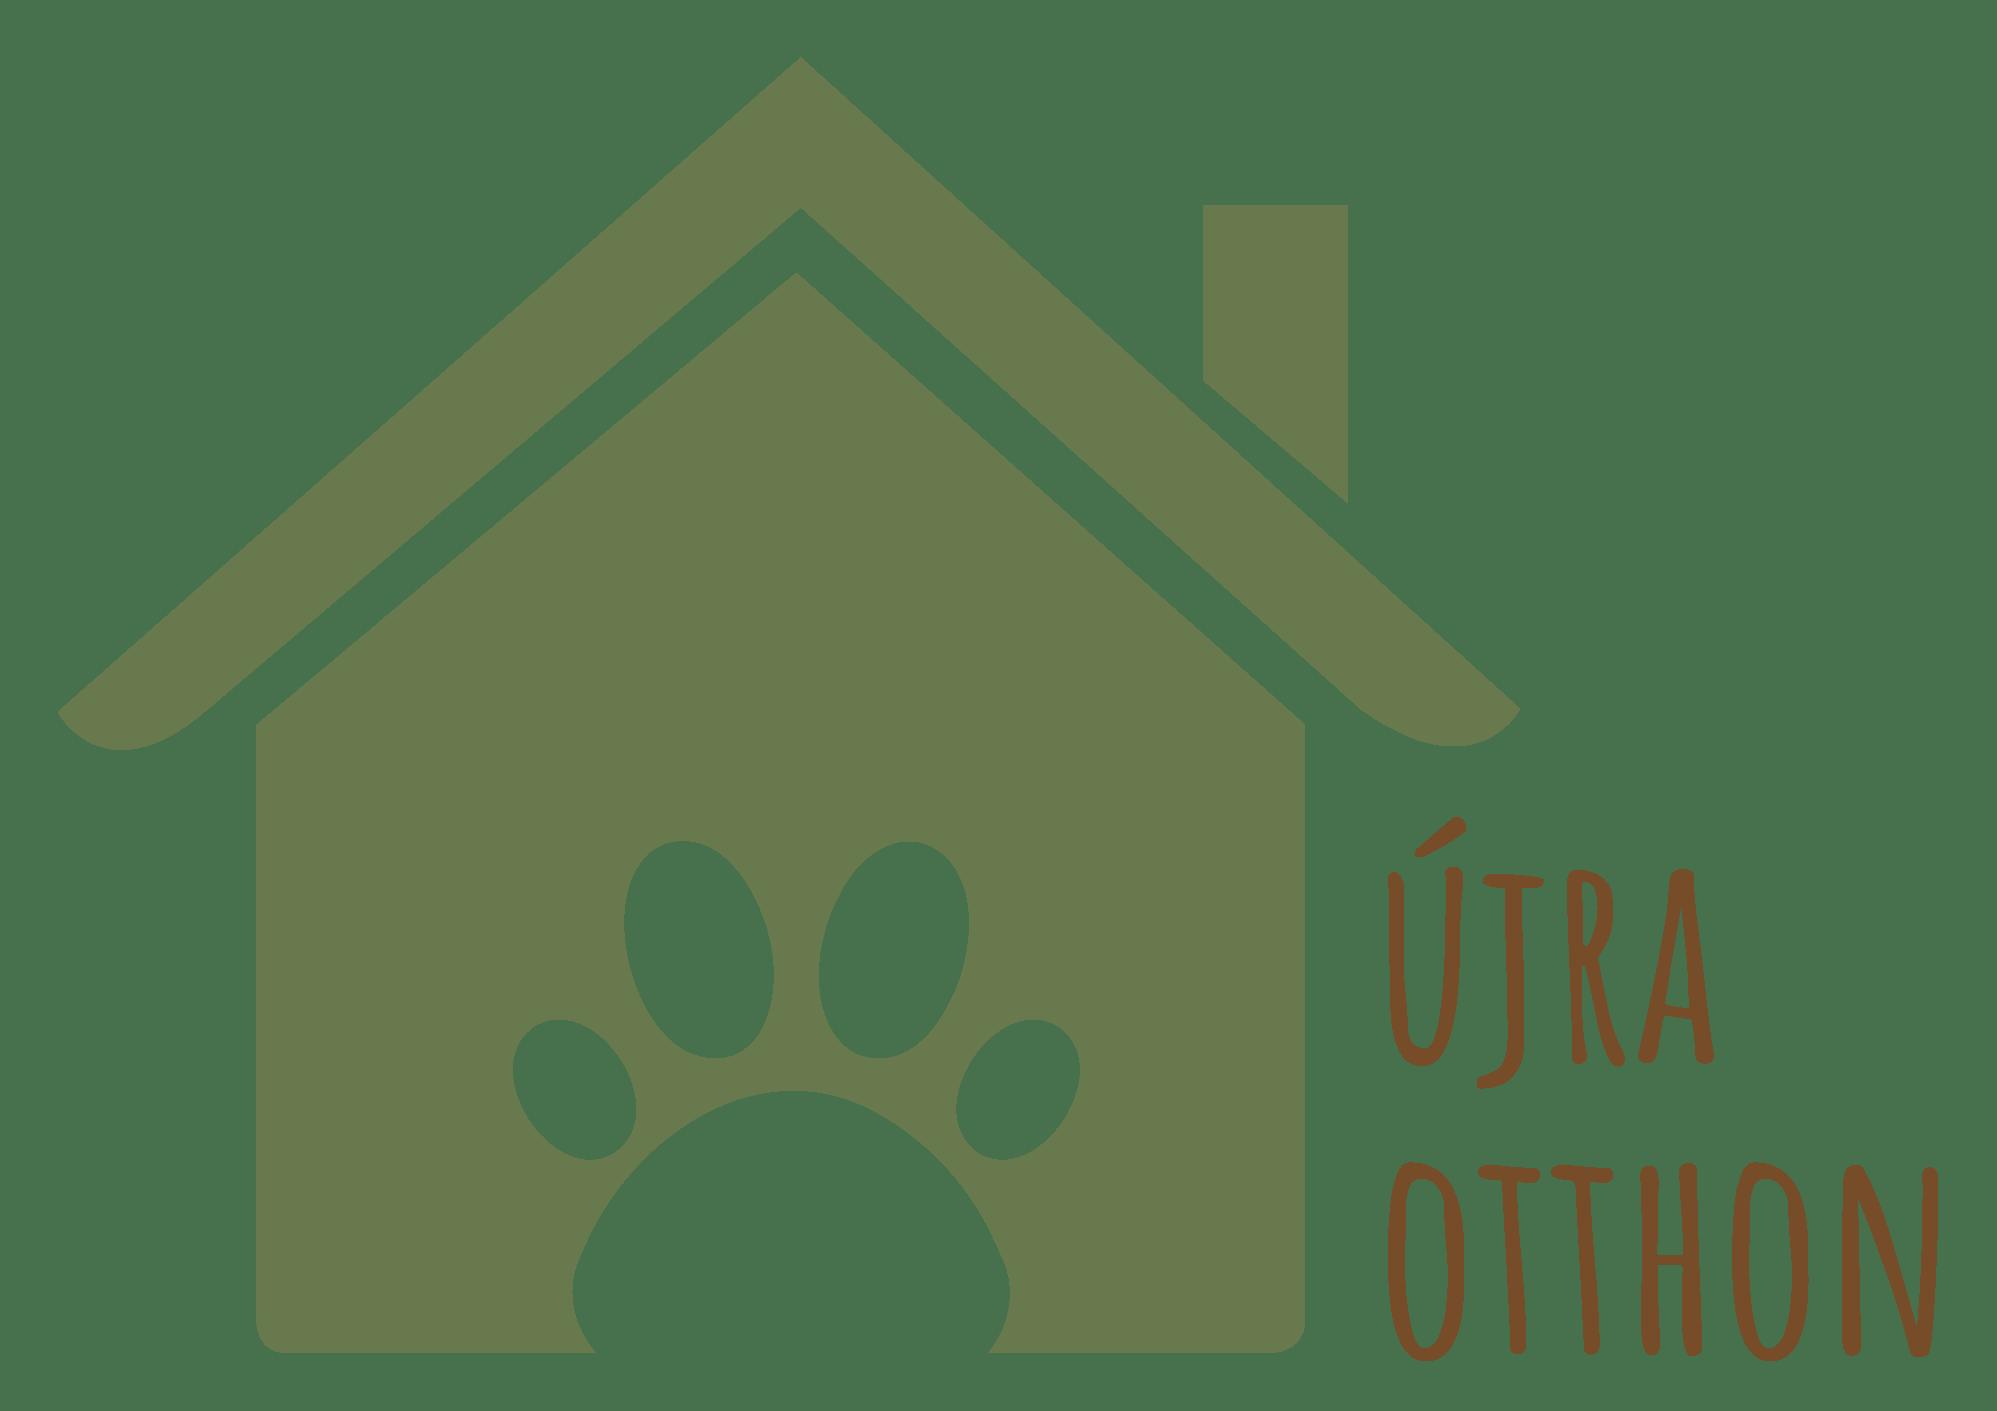 ujra_otthon_logo_nev_2